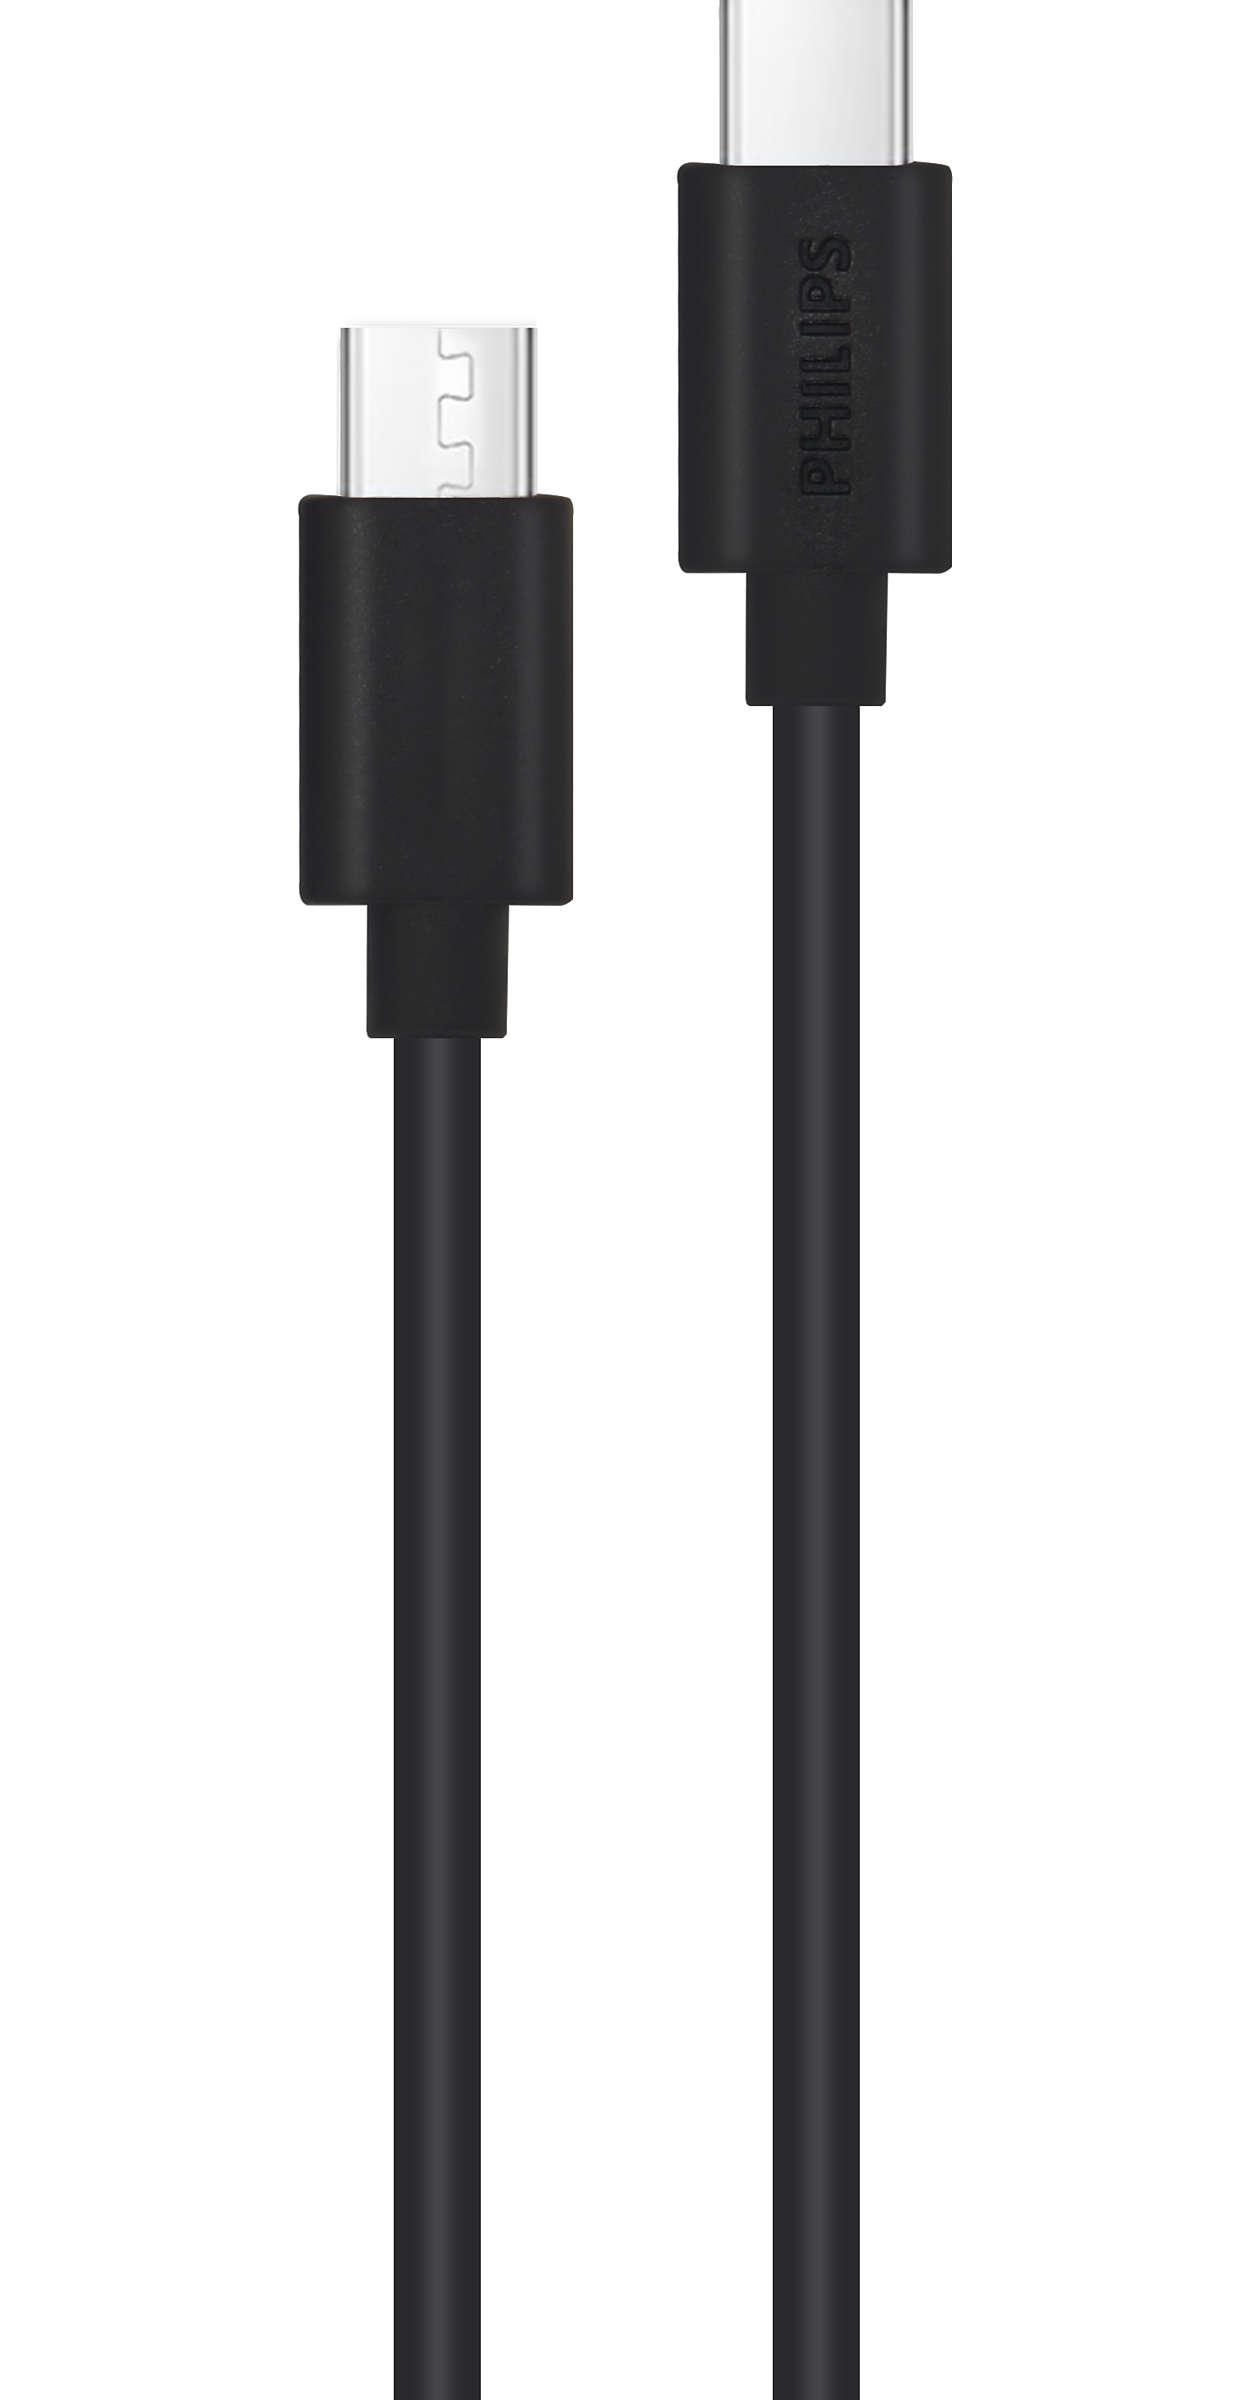 USB-C-naar-USB-C-kabel van 1,2 m